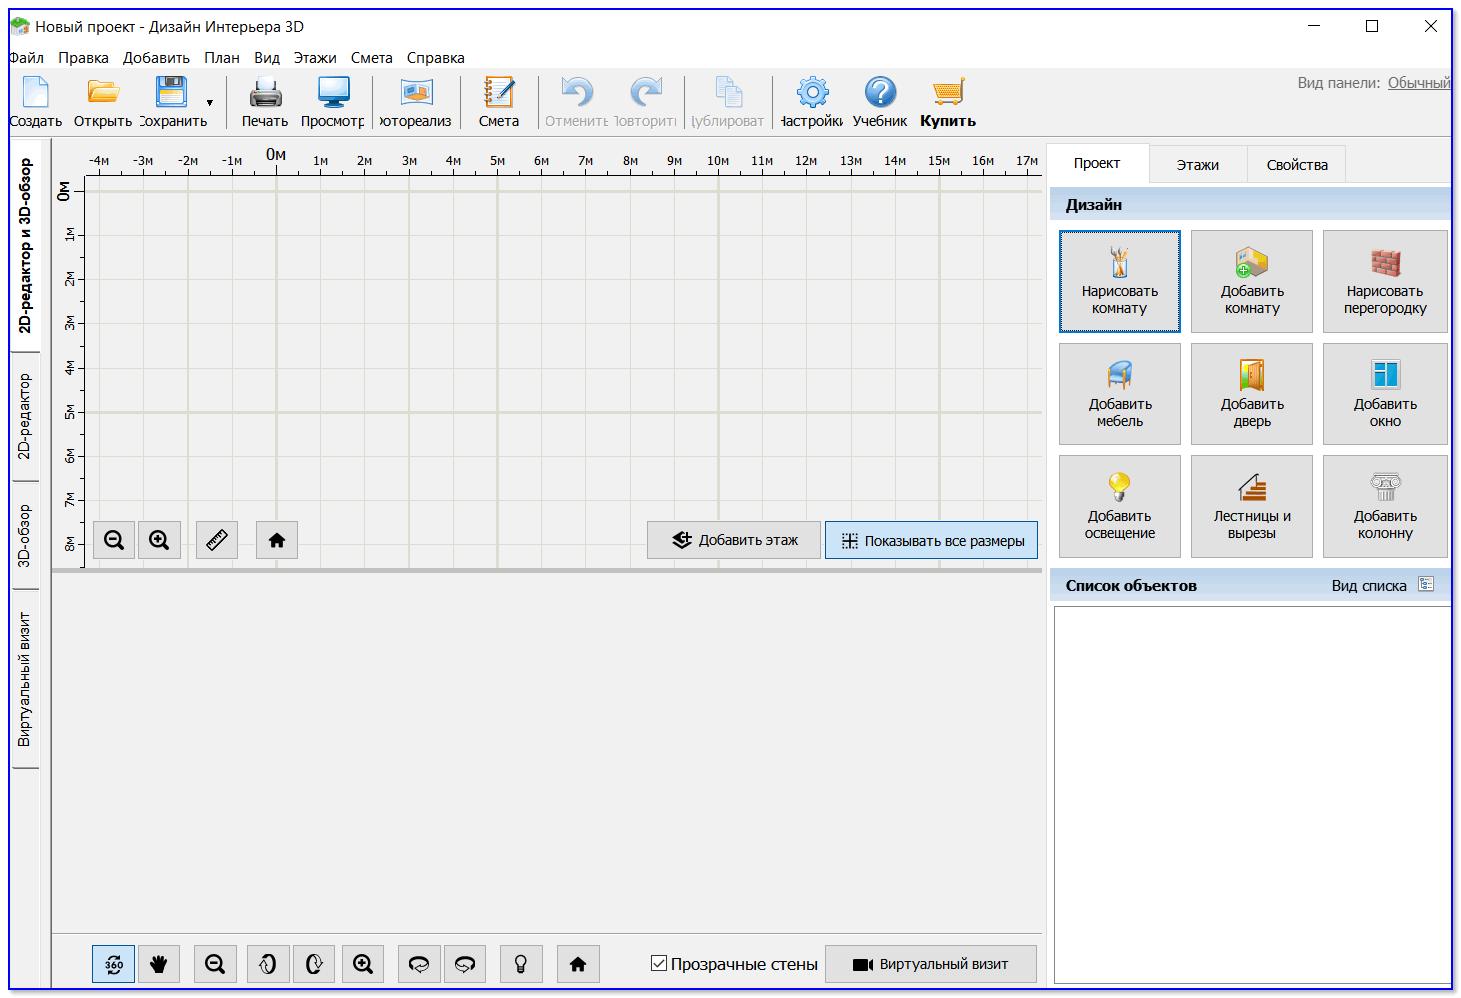 """Главное окно программы """"дизайн интерьера в 3d"""